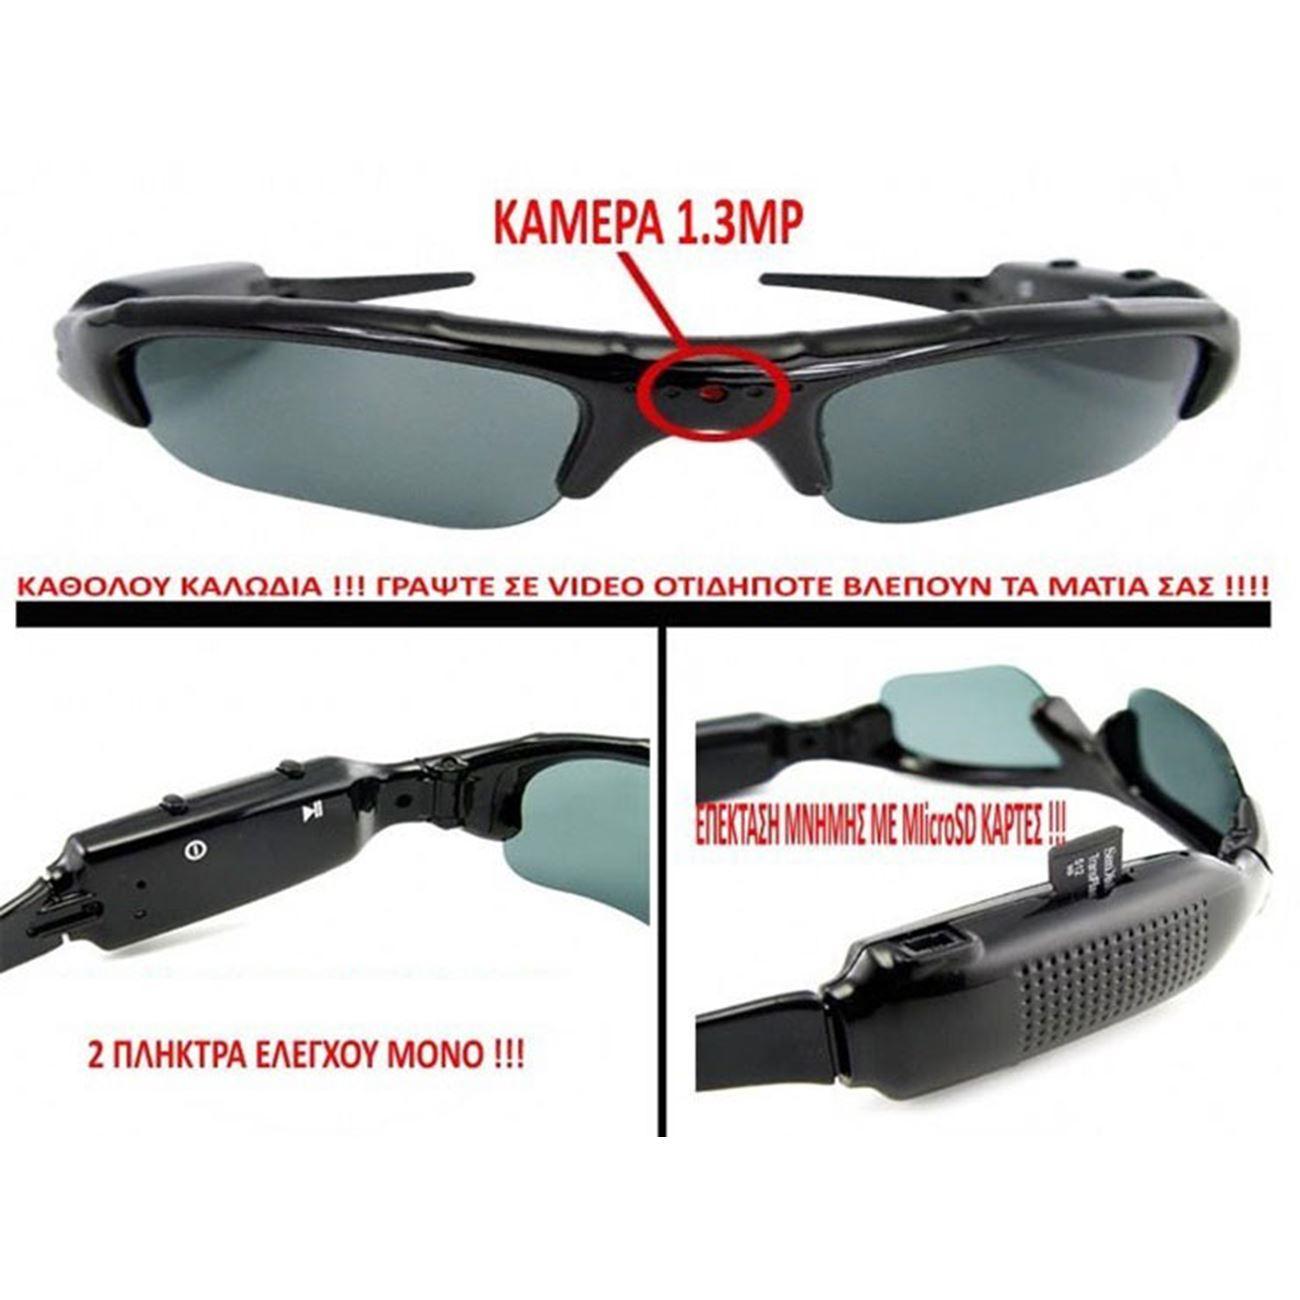 b5c1bc7308 Κάμερα γυαλιά ηλίου με DVR αυτόνομο καταγραφικό (ΔΕΙΤΕ VIDEO ...